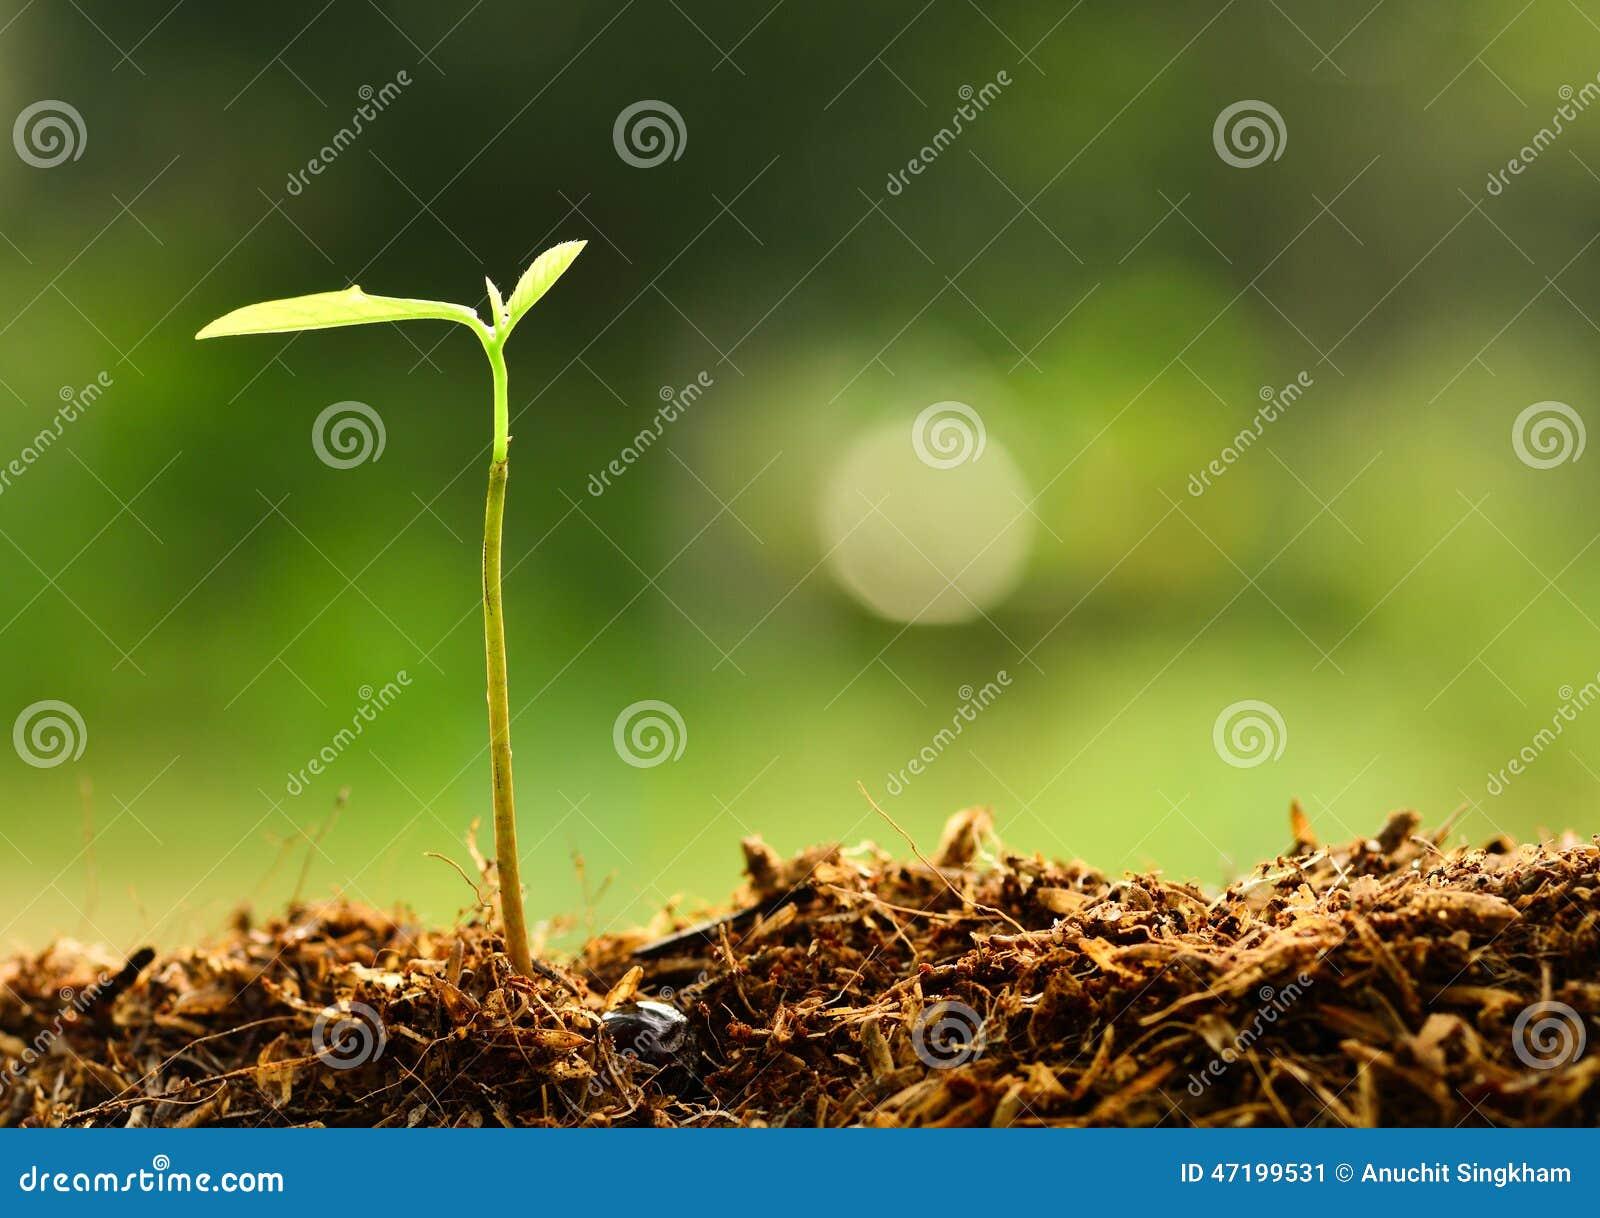 Ανάπτυξη εγκαταστάσεων πέρα από το πράσινο περιβάλλον